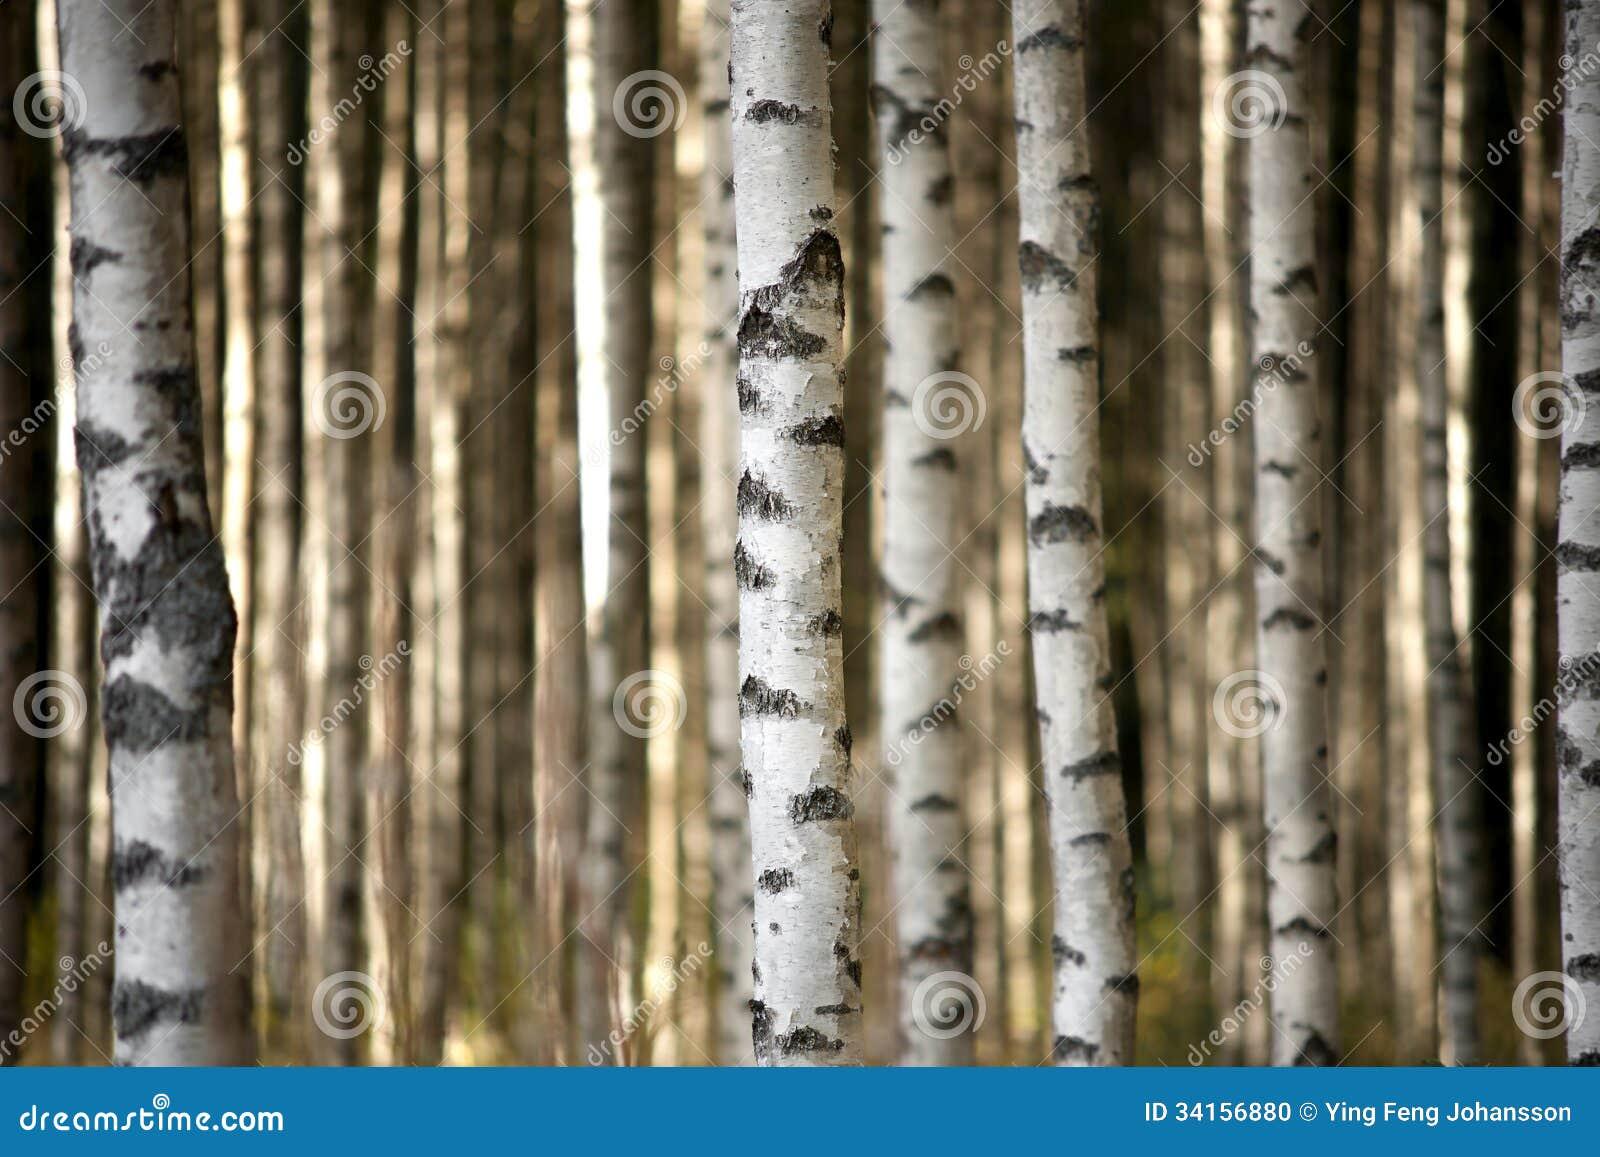 Хоботы деревьев березы